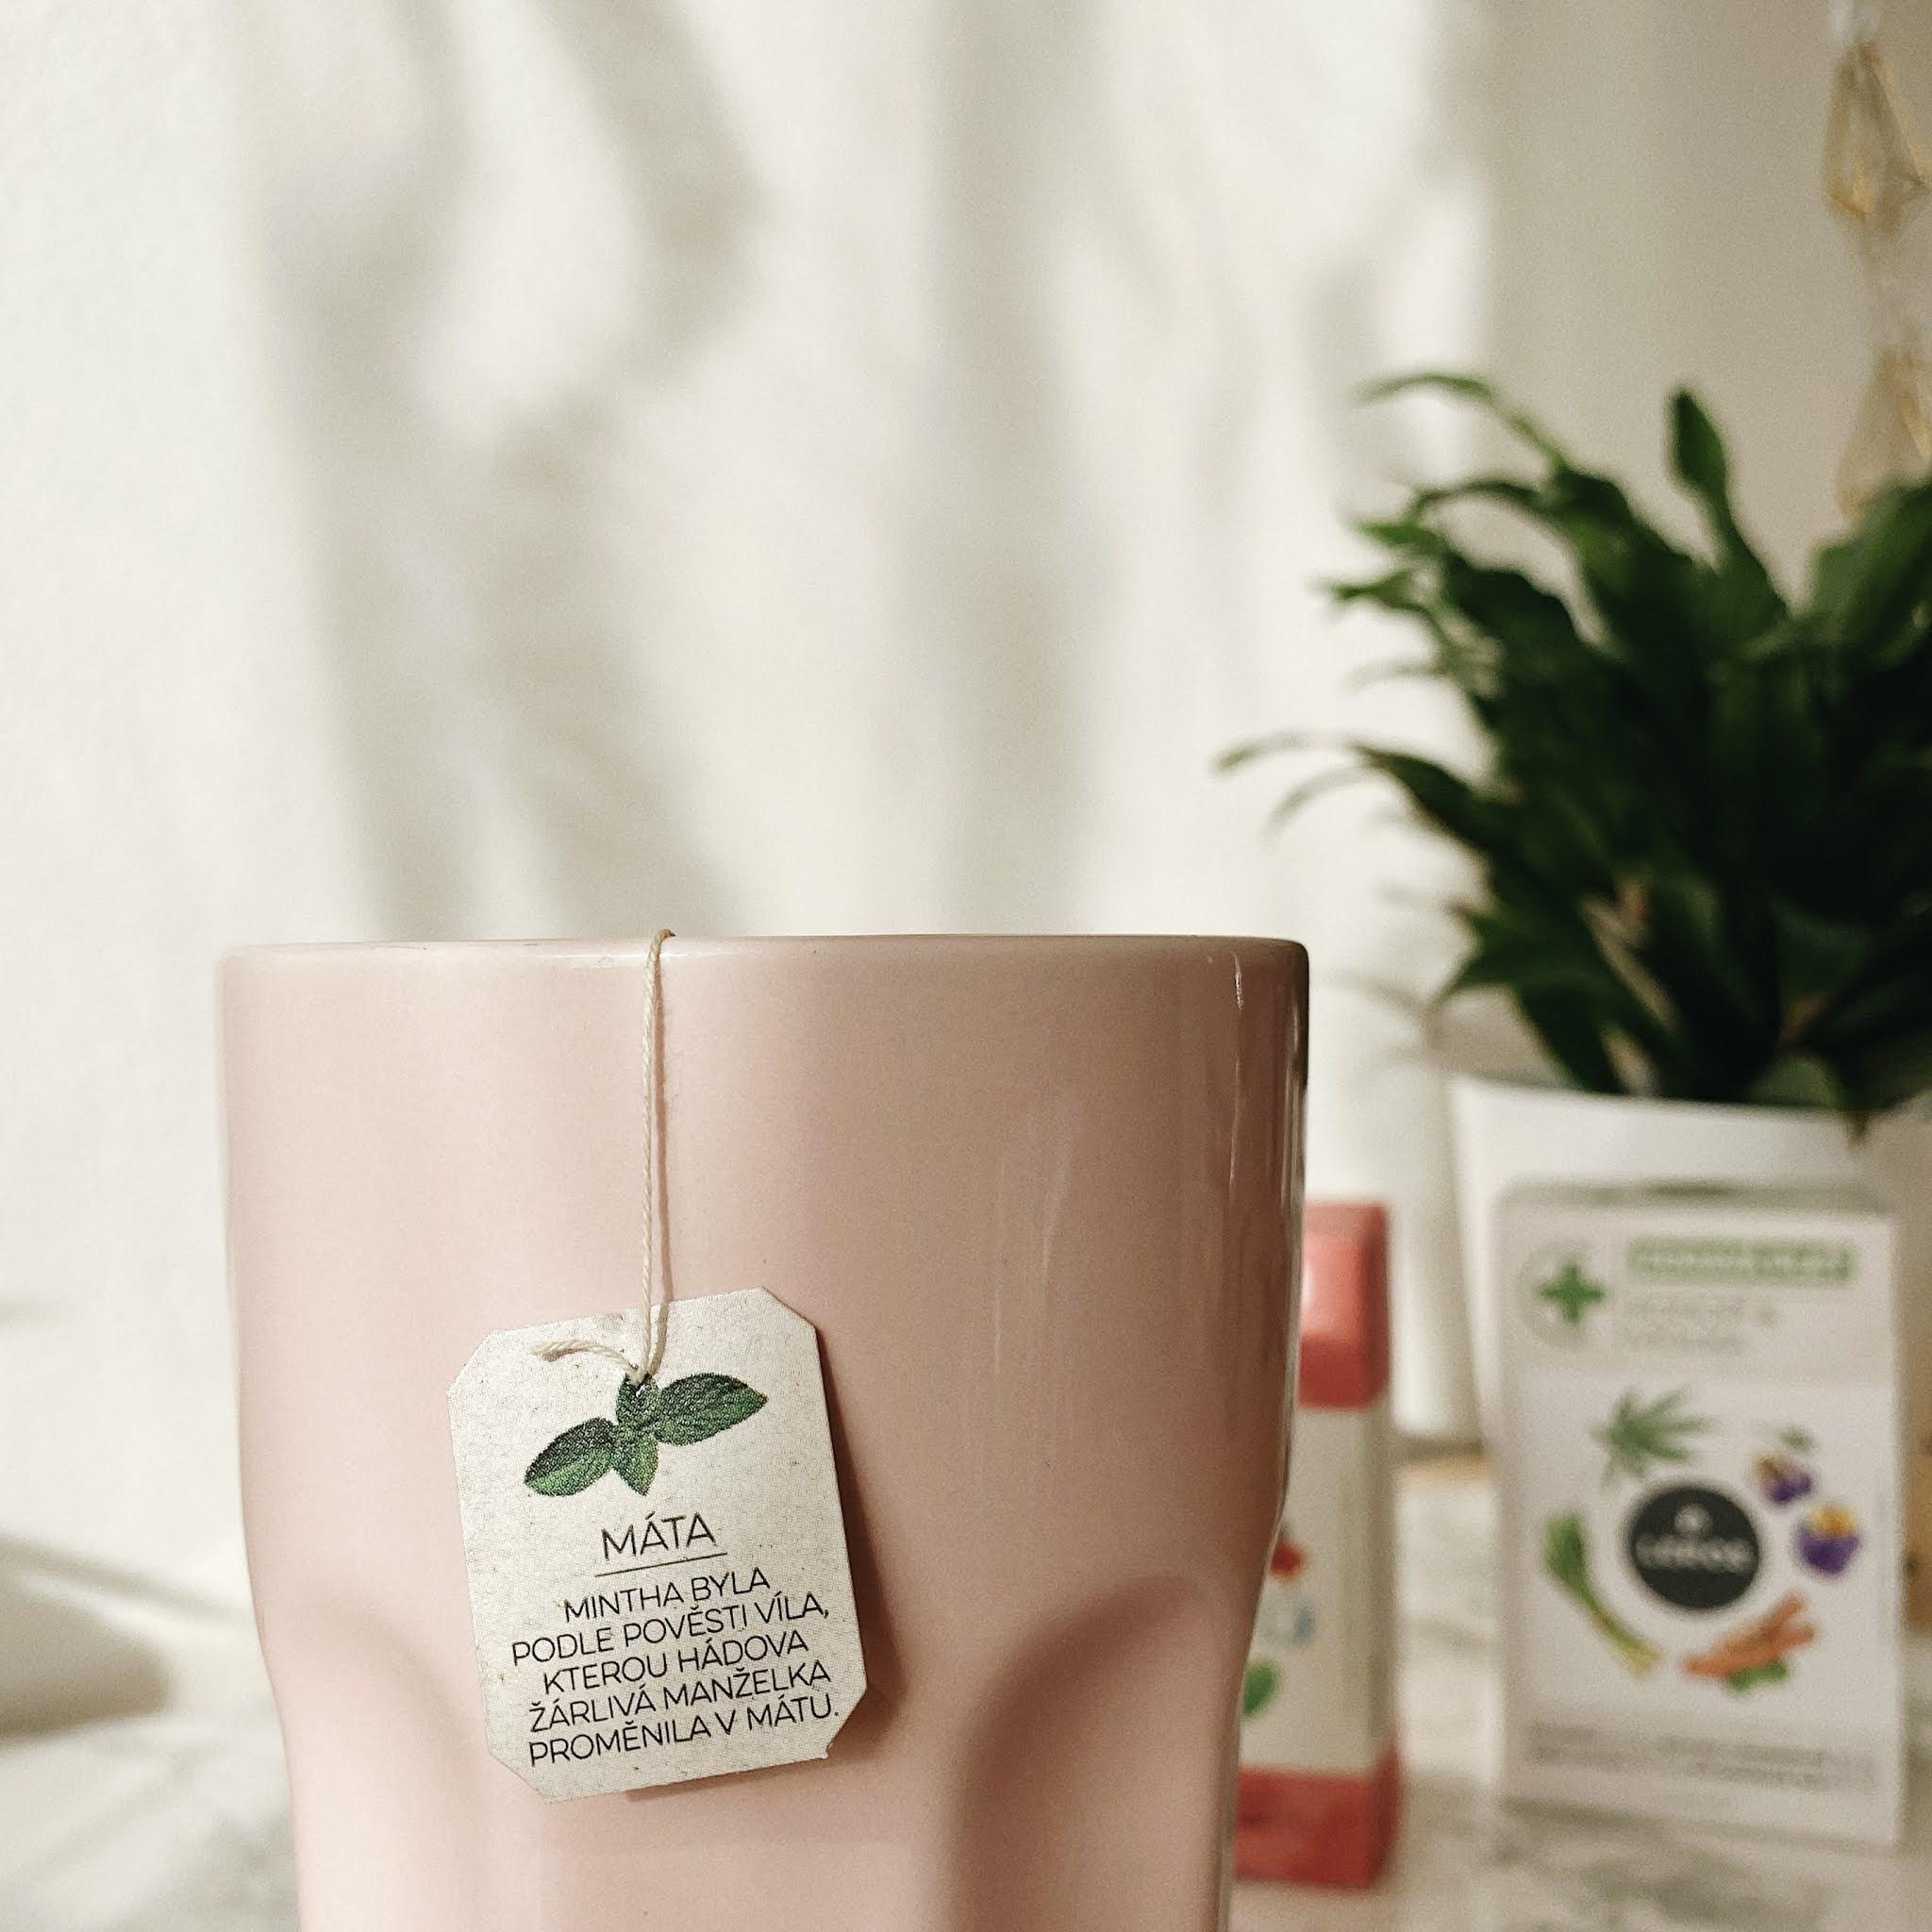 čaj, leros, bylinky, recenzia